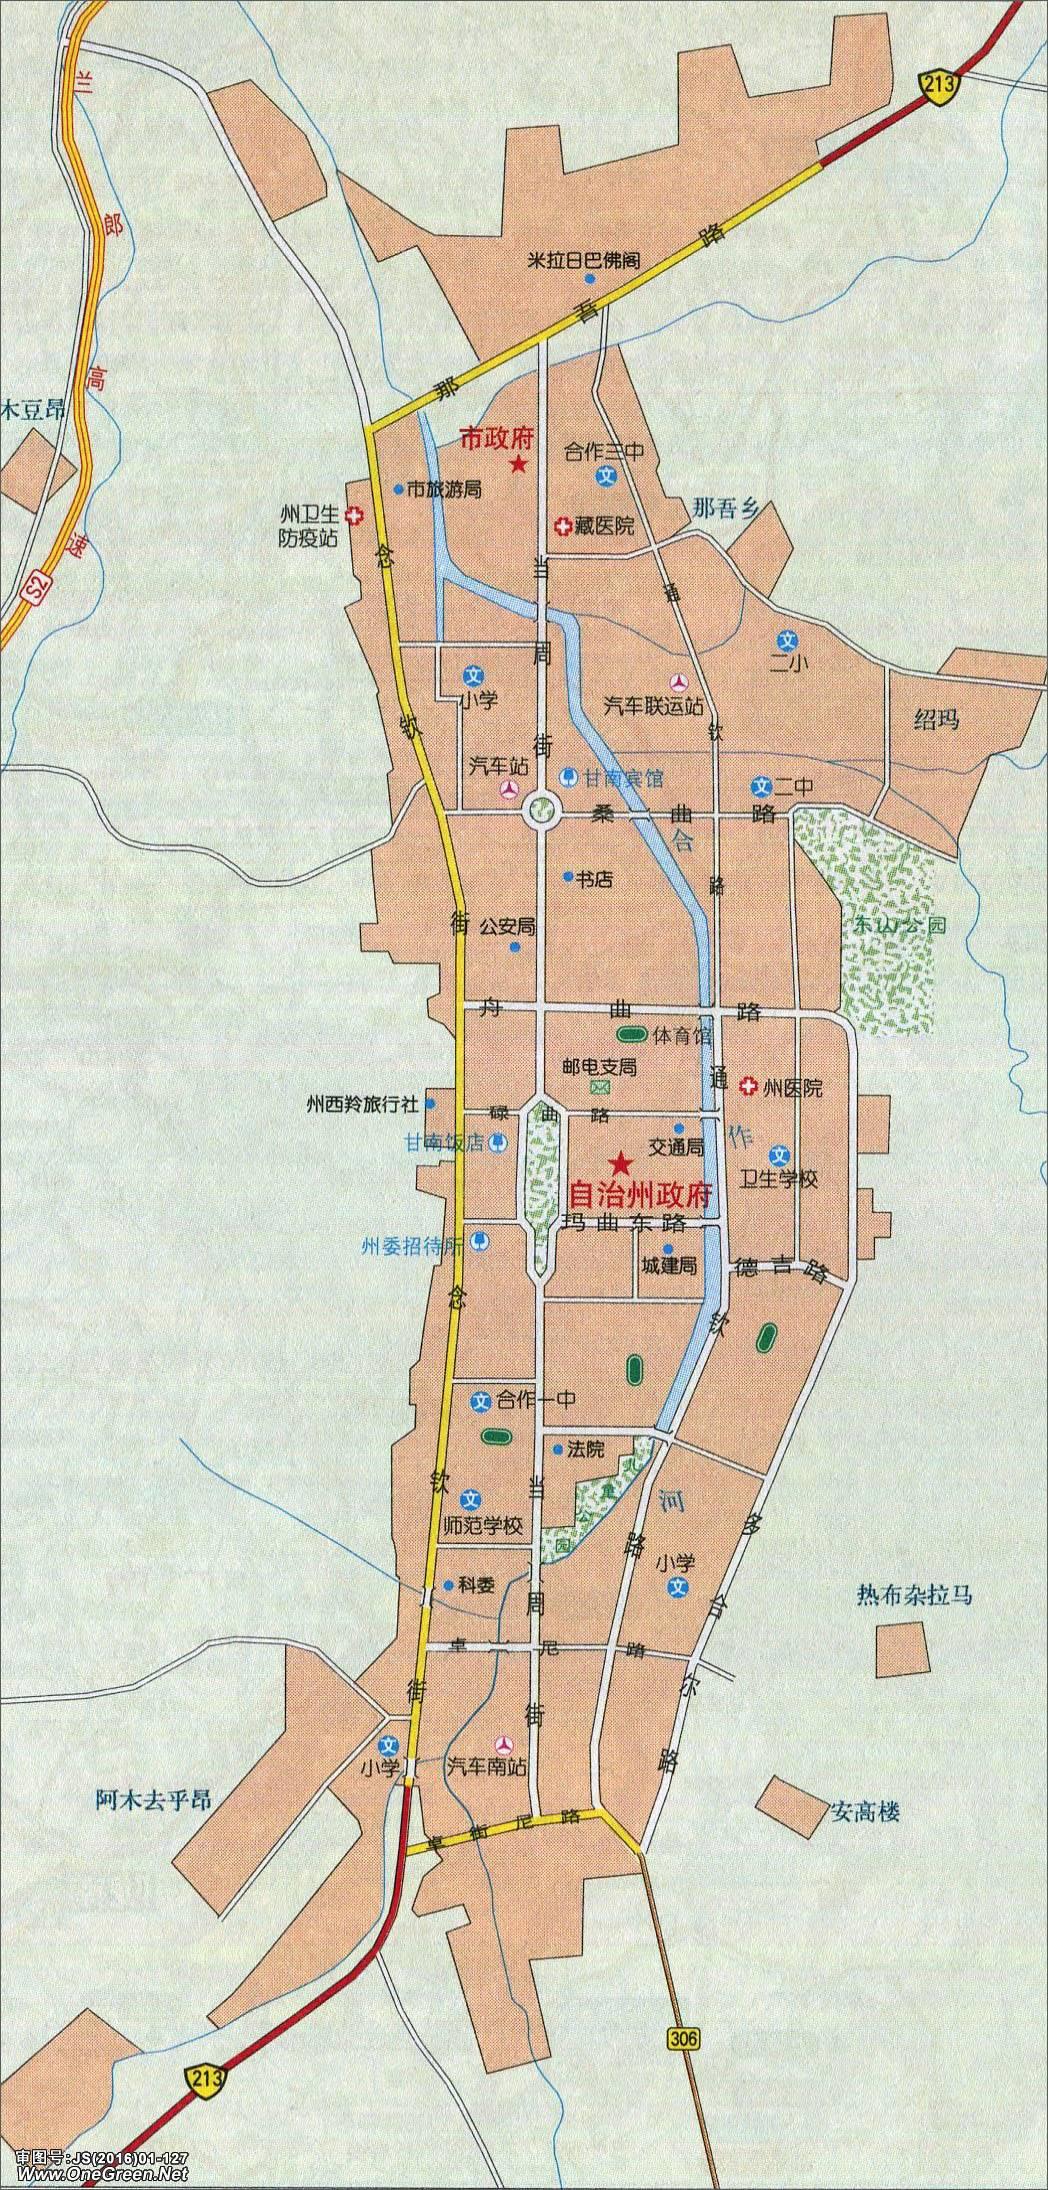 甘肃省定西市_合作城区地图_甘南地图库_地图窝